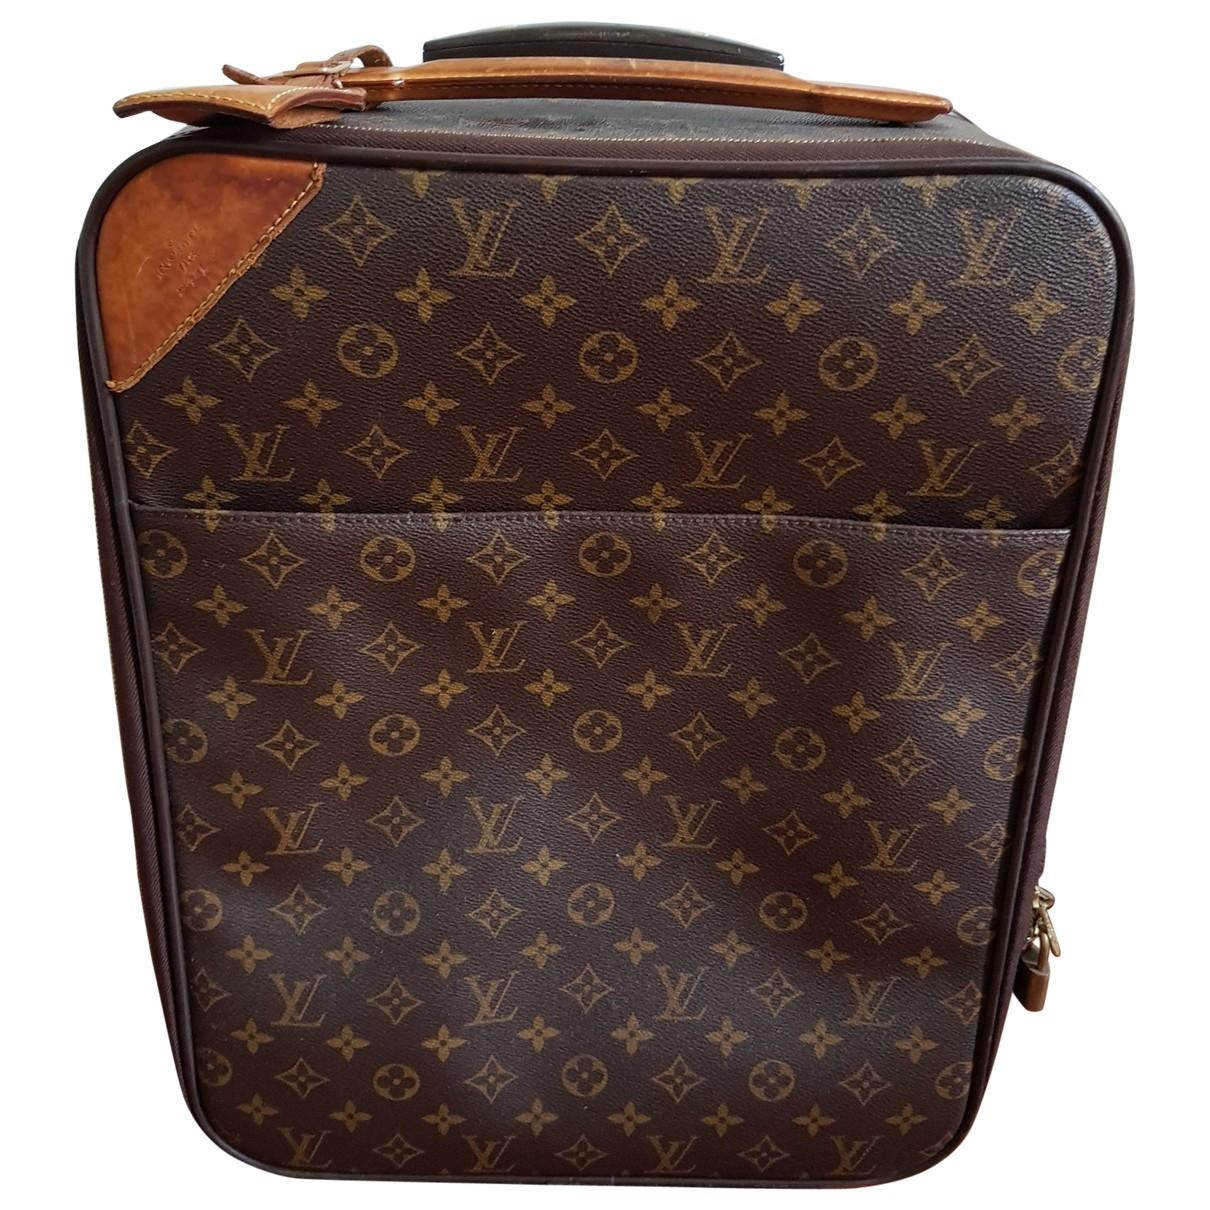 Louis Vuitton - Sac de voyage Pegase pour femme en toile - marron